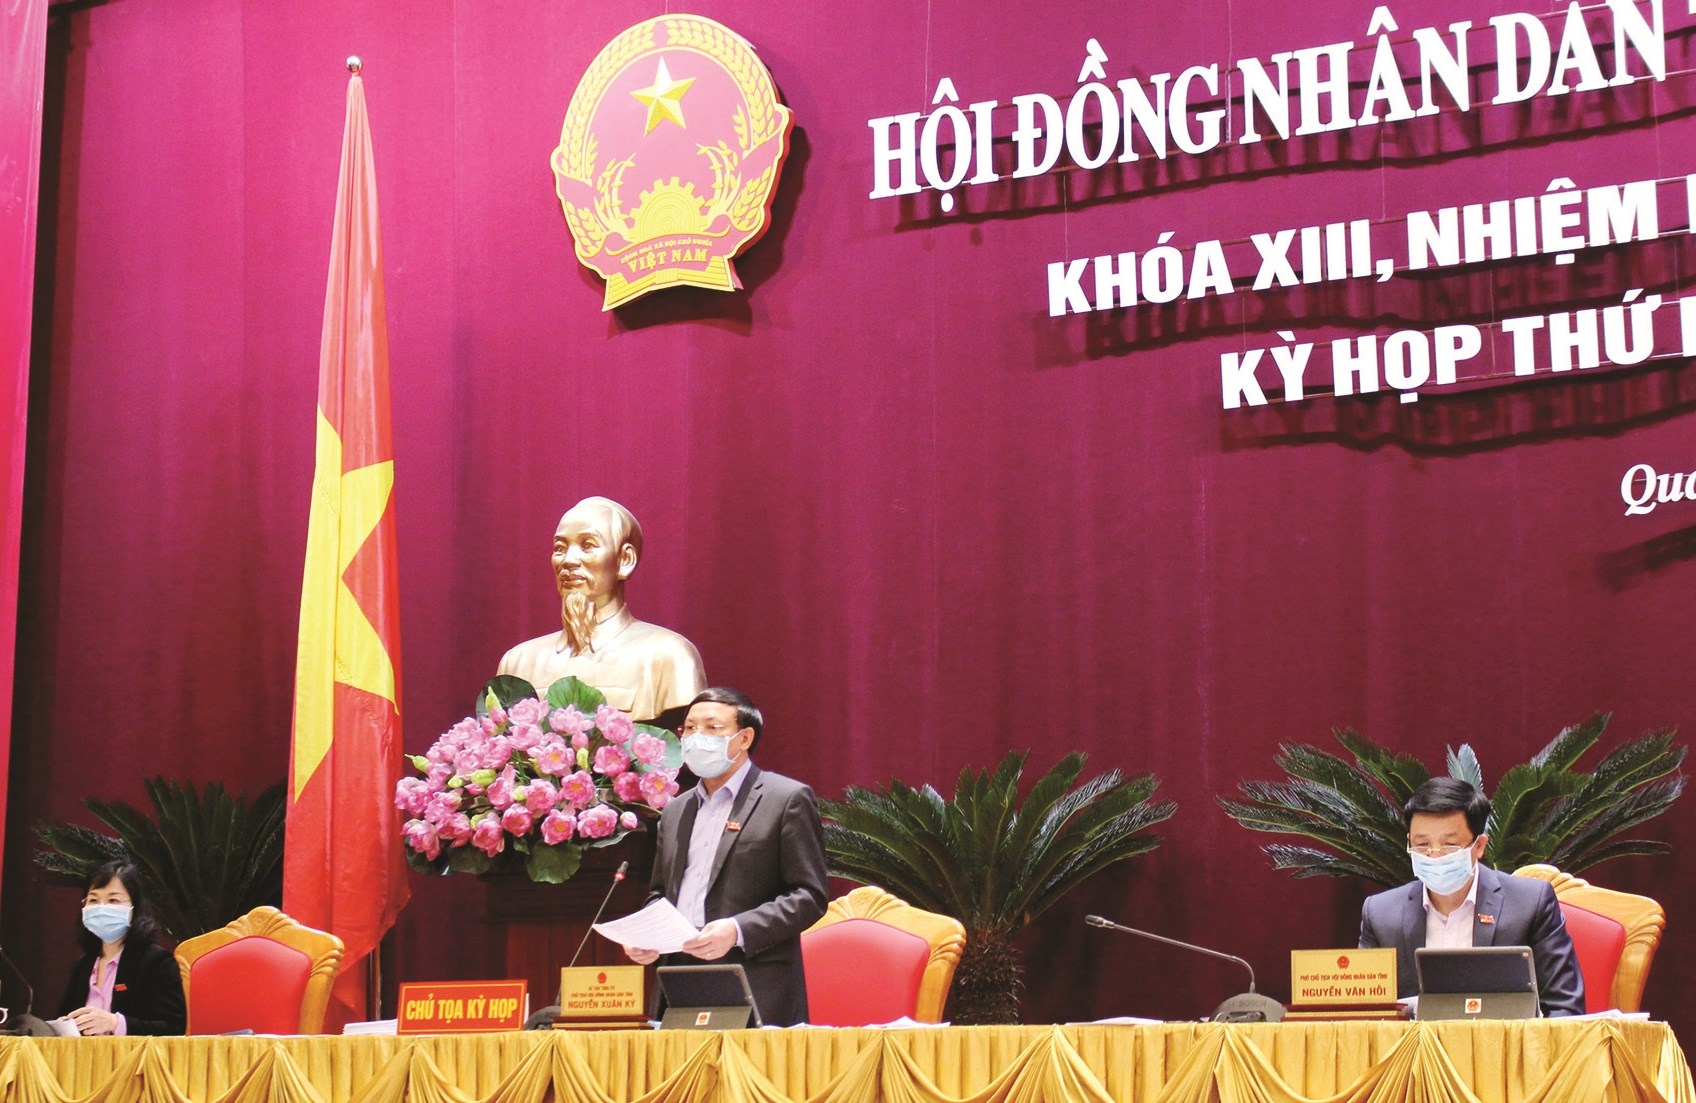 Bí thư Tỉnh ủy, Chủ tịch HĐND tỉnh Quảng Ninh - Nguyễn Xuân Ký phát biểu tại kỳ họp